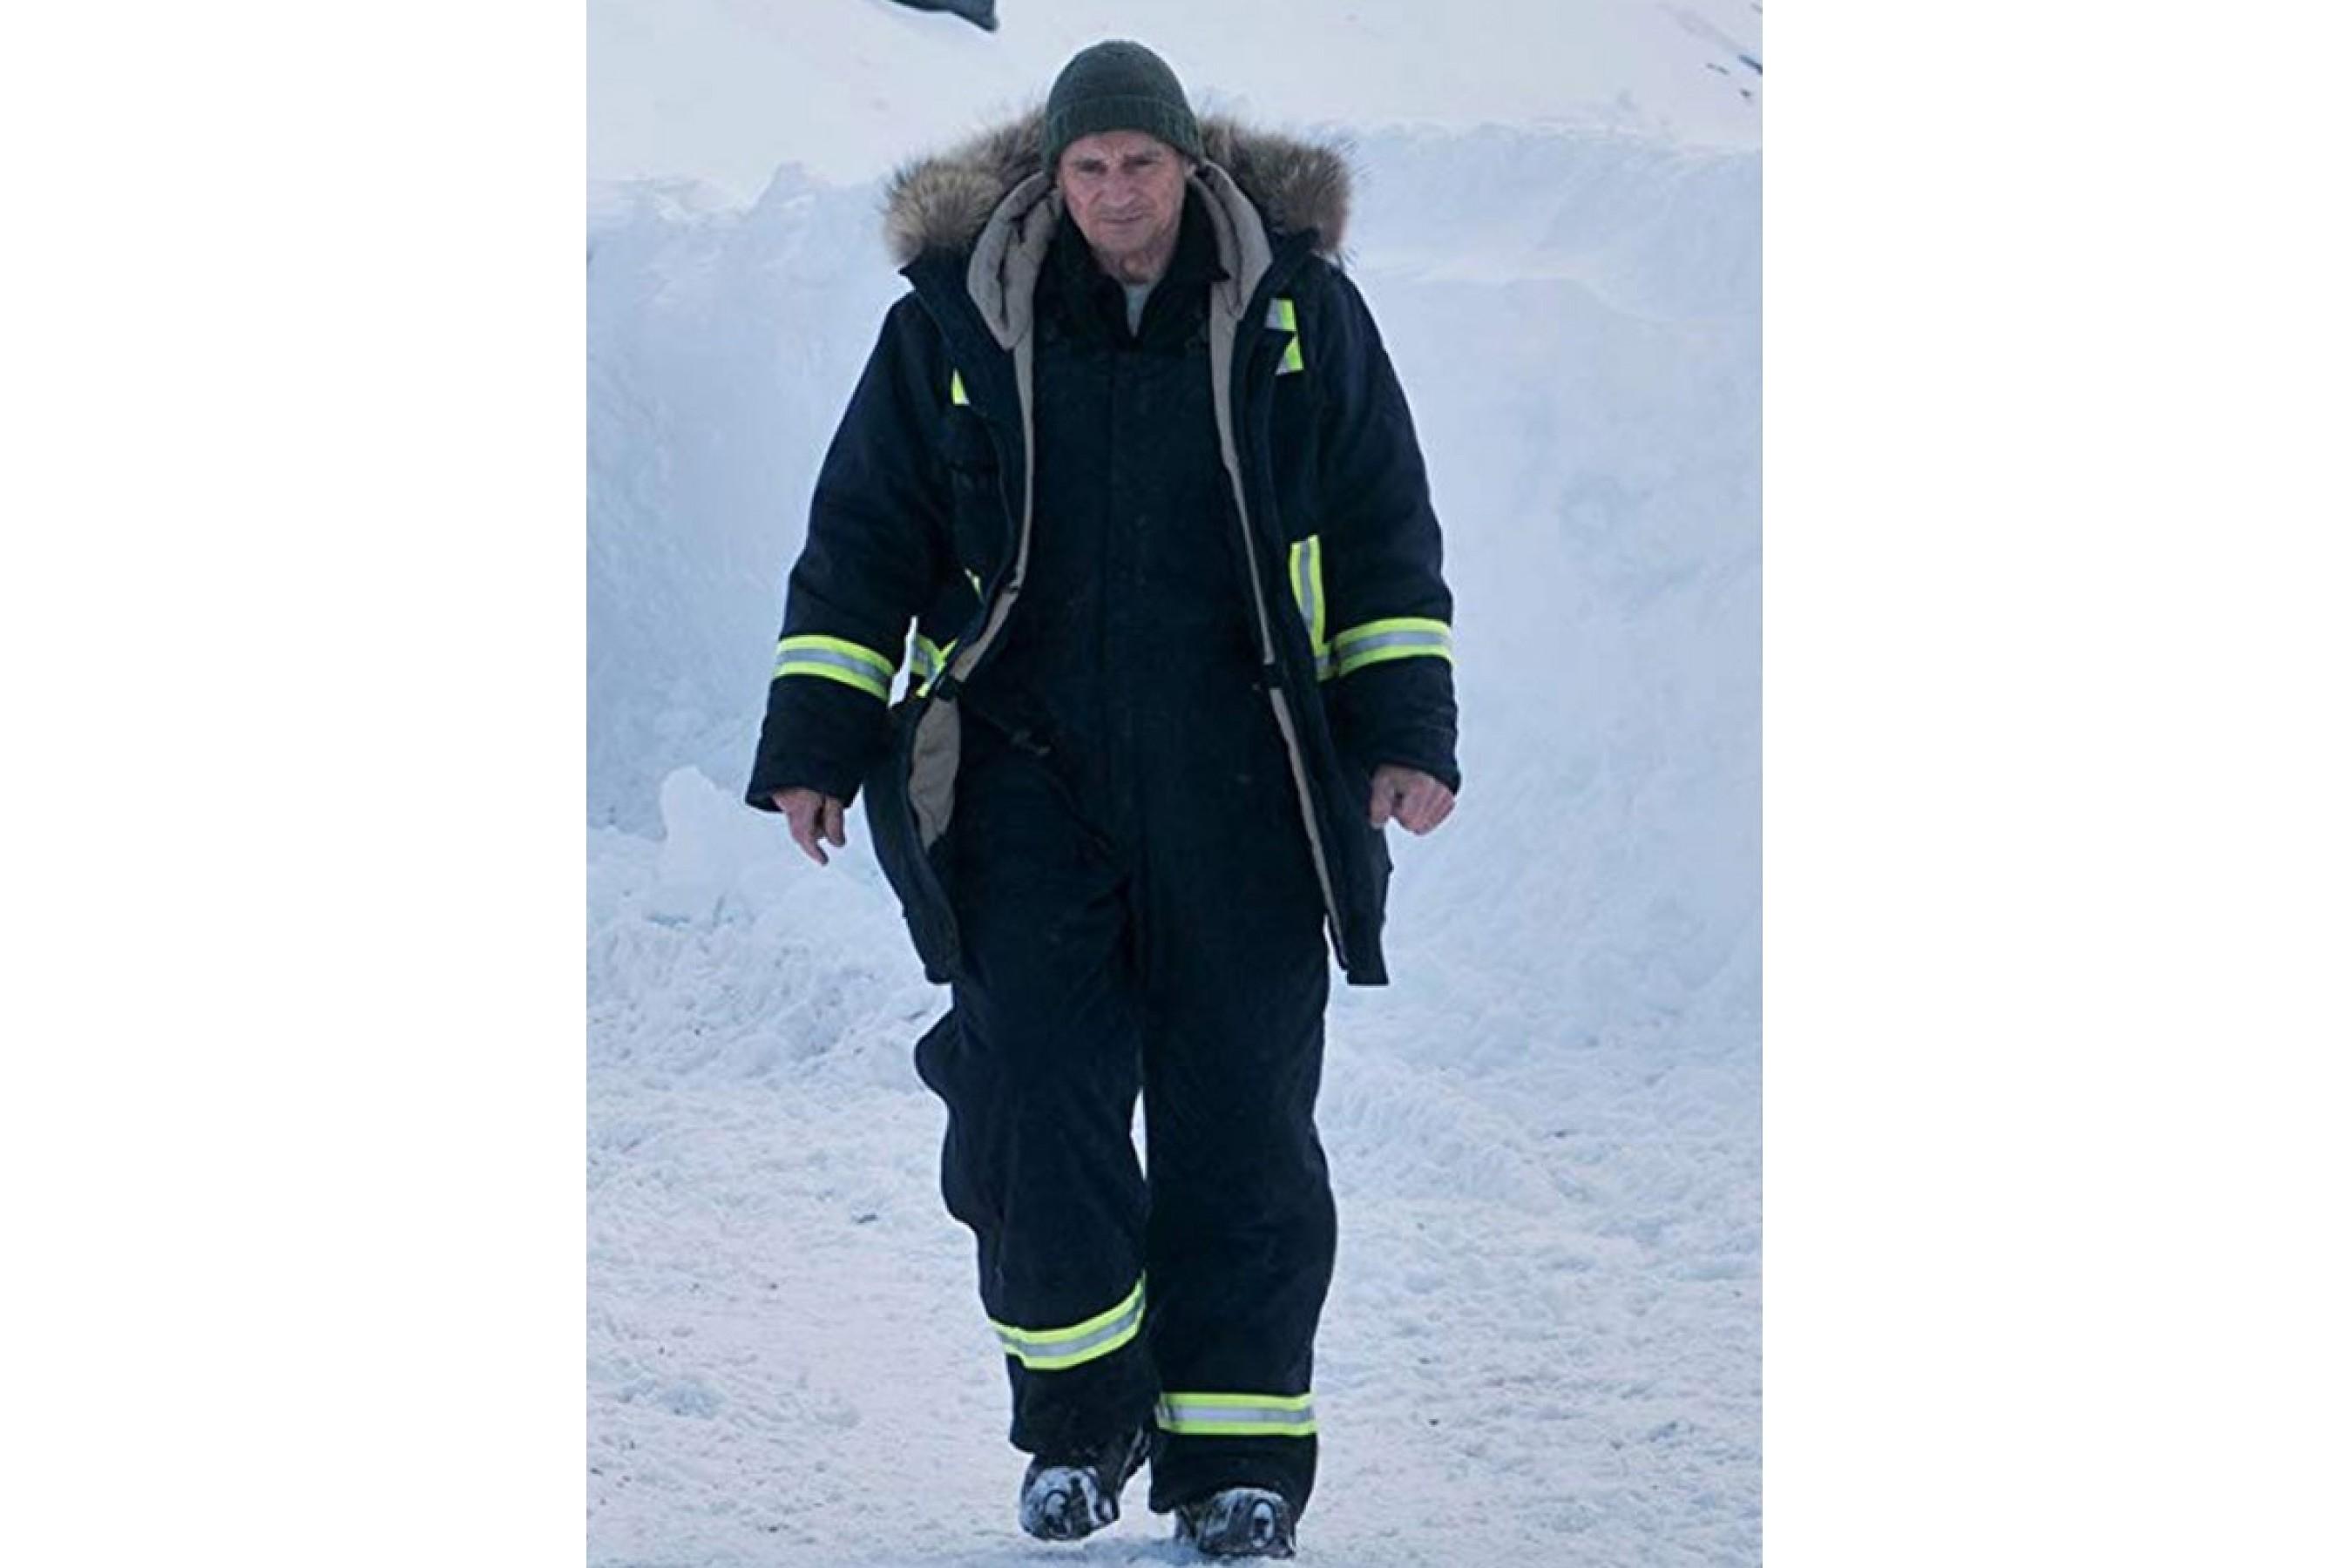 Liam_Neeson_Cold_Pursuit_Coat-2696x1800h